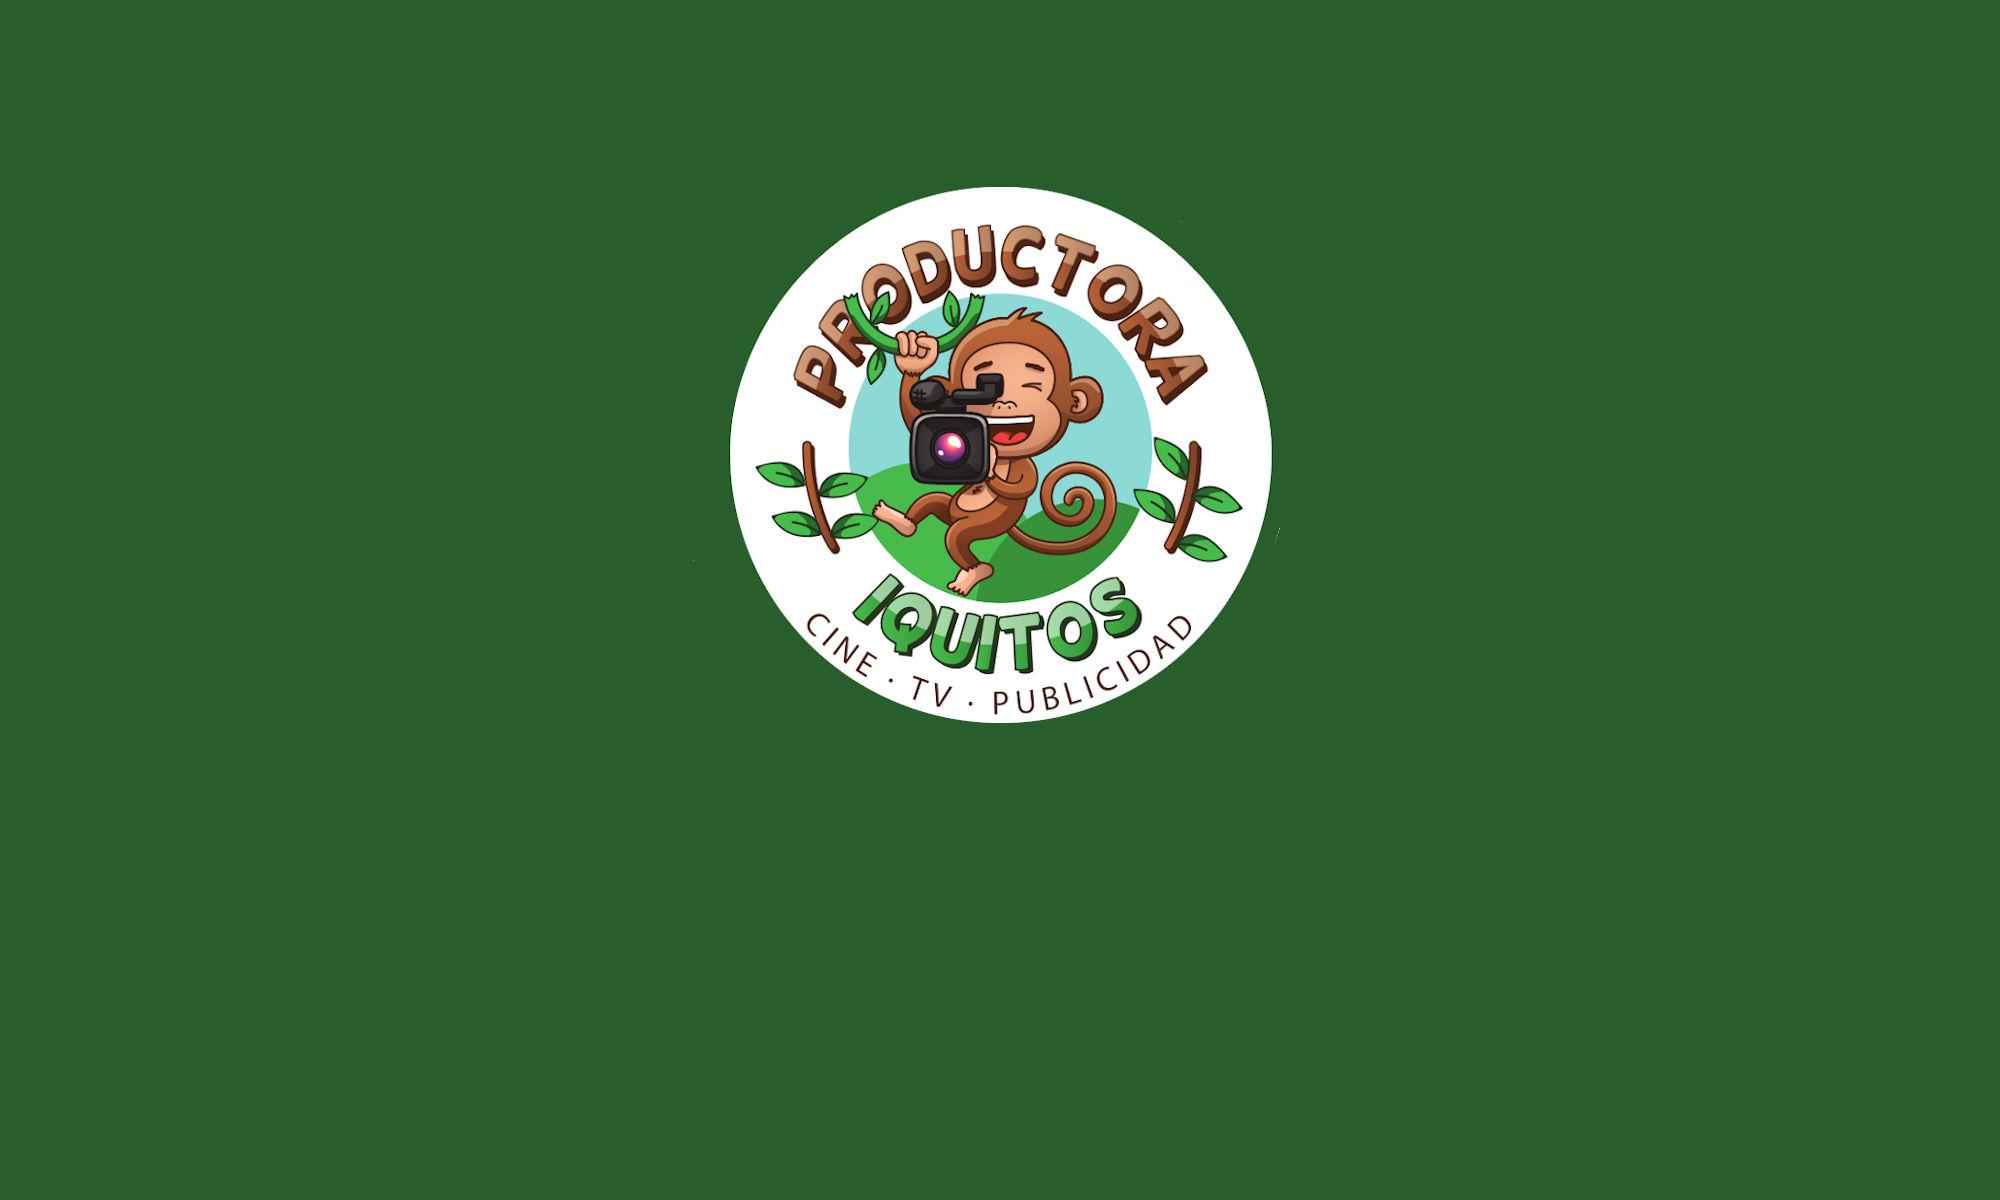 Productora Iquitos